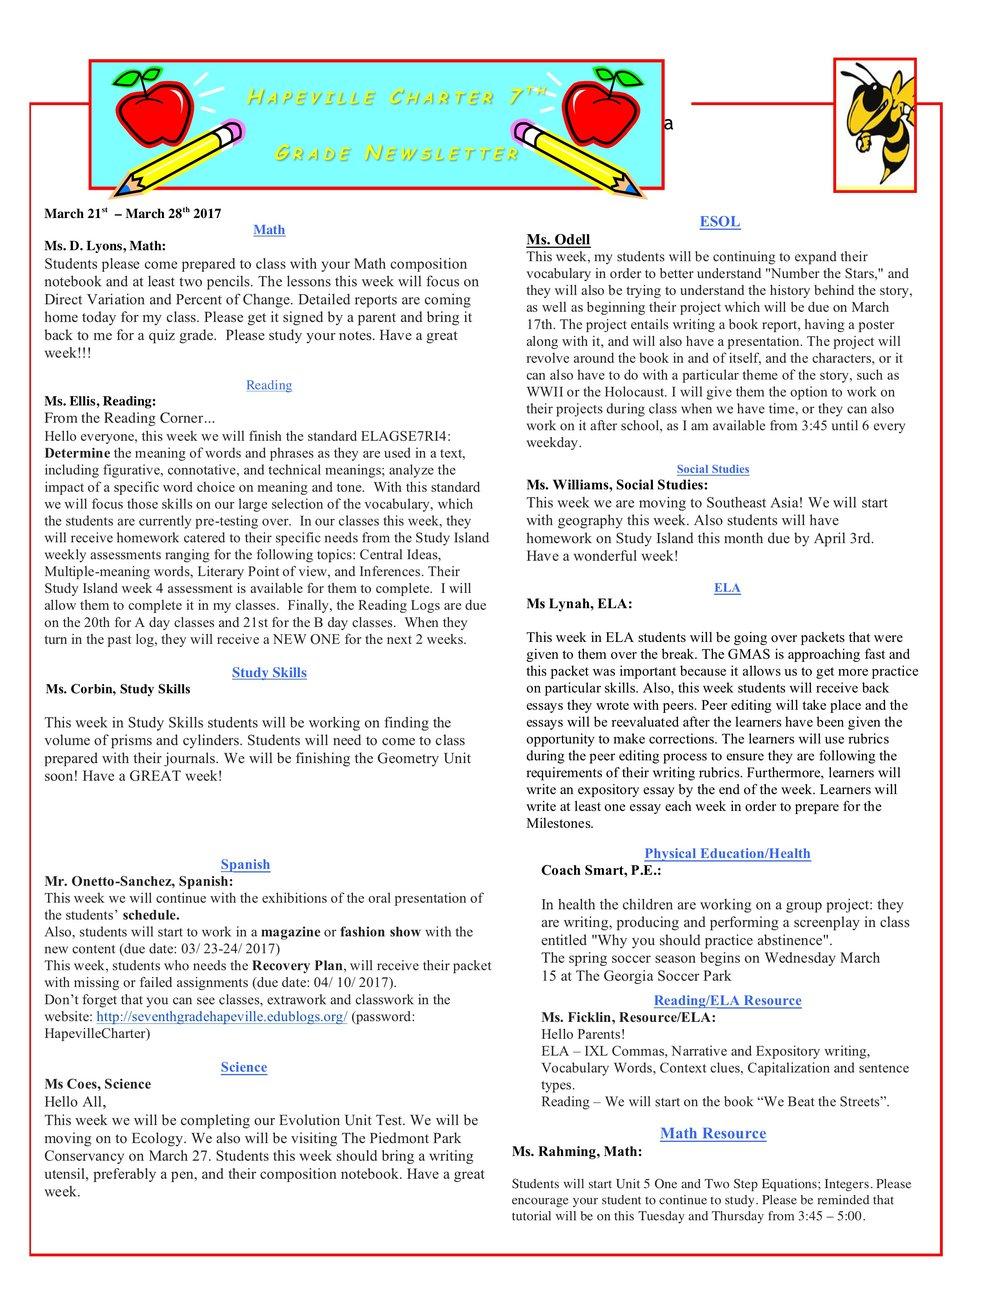 Newsletter Image7th Grade Newsletter 3-21-2017 .jpeg